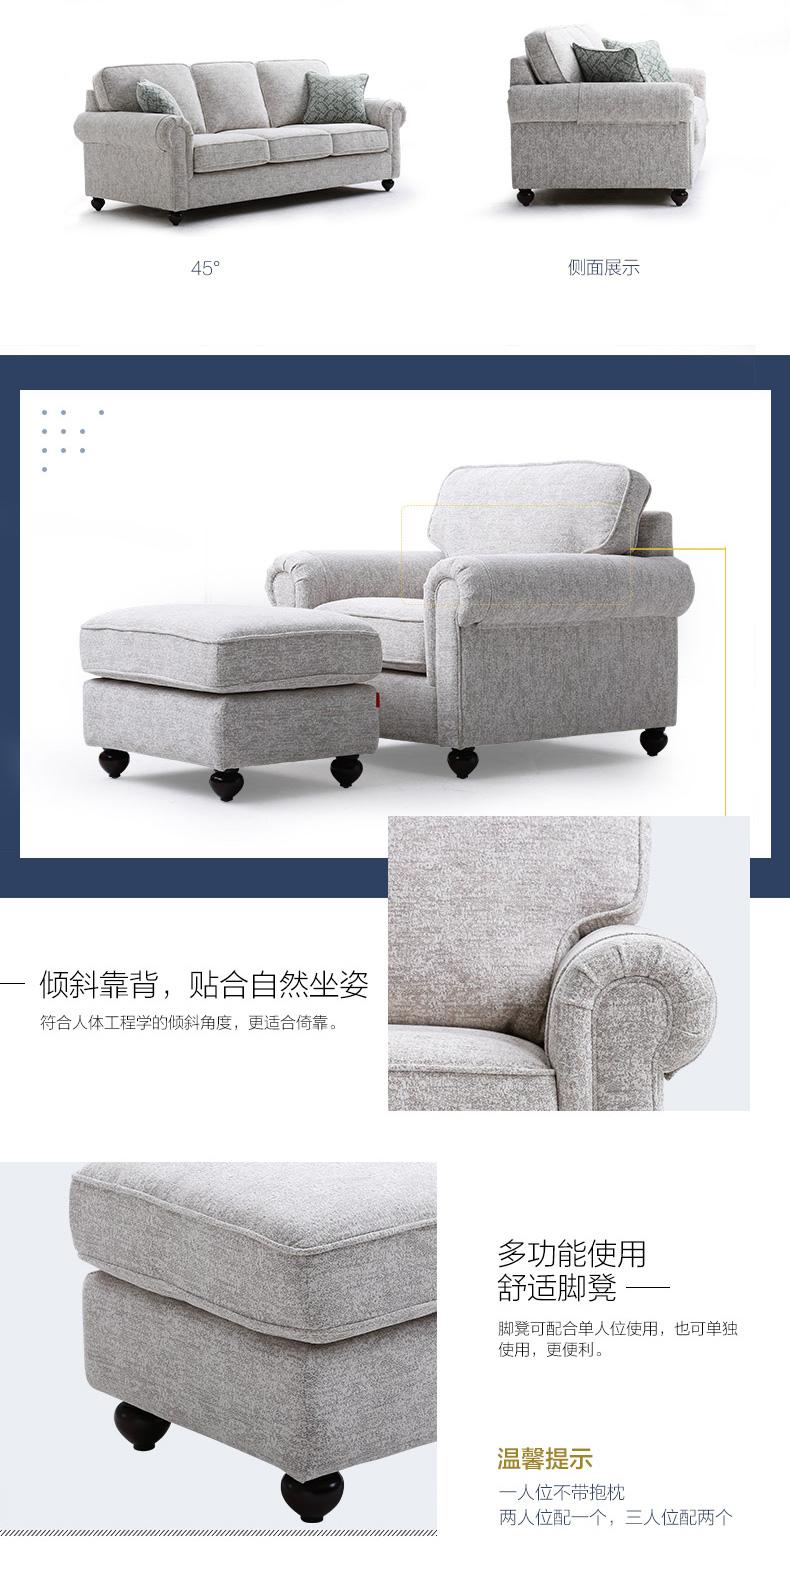 顾家-简约美式可拆洗布艺沙发2030_11.jpg